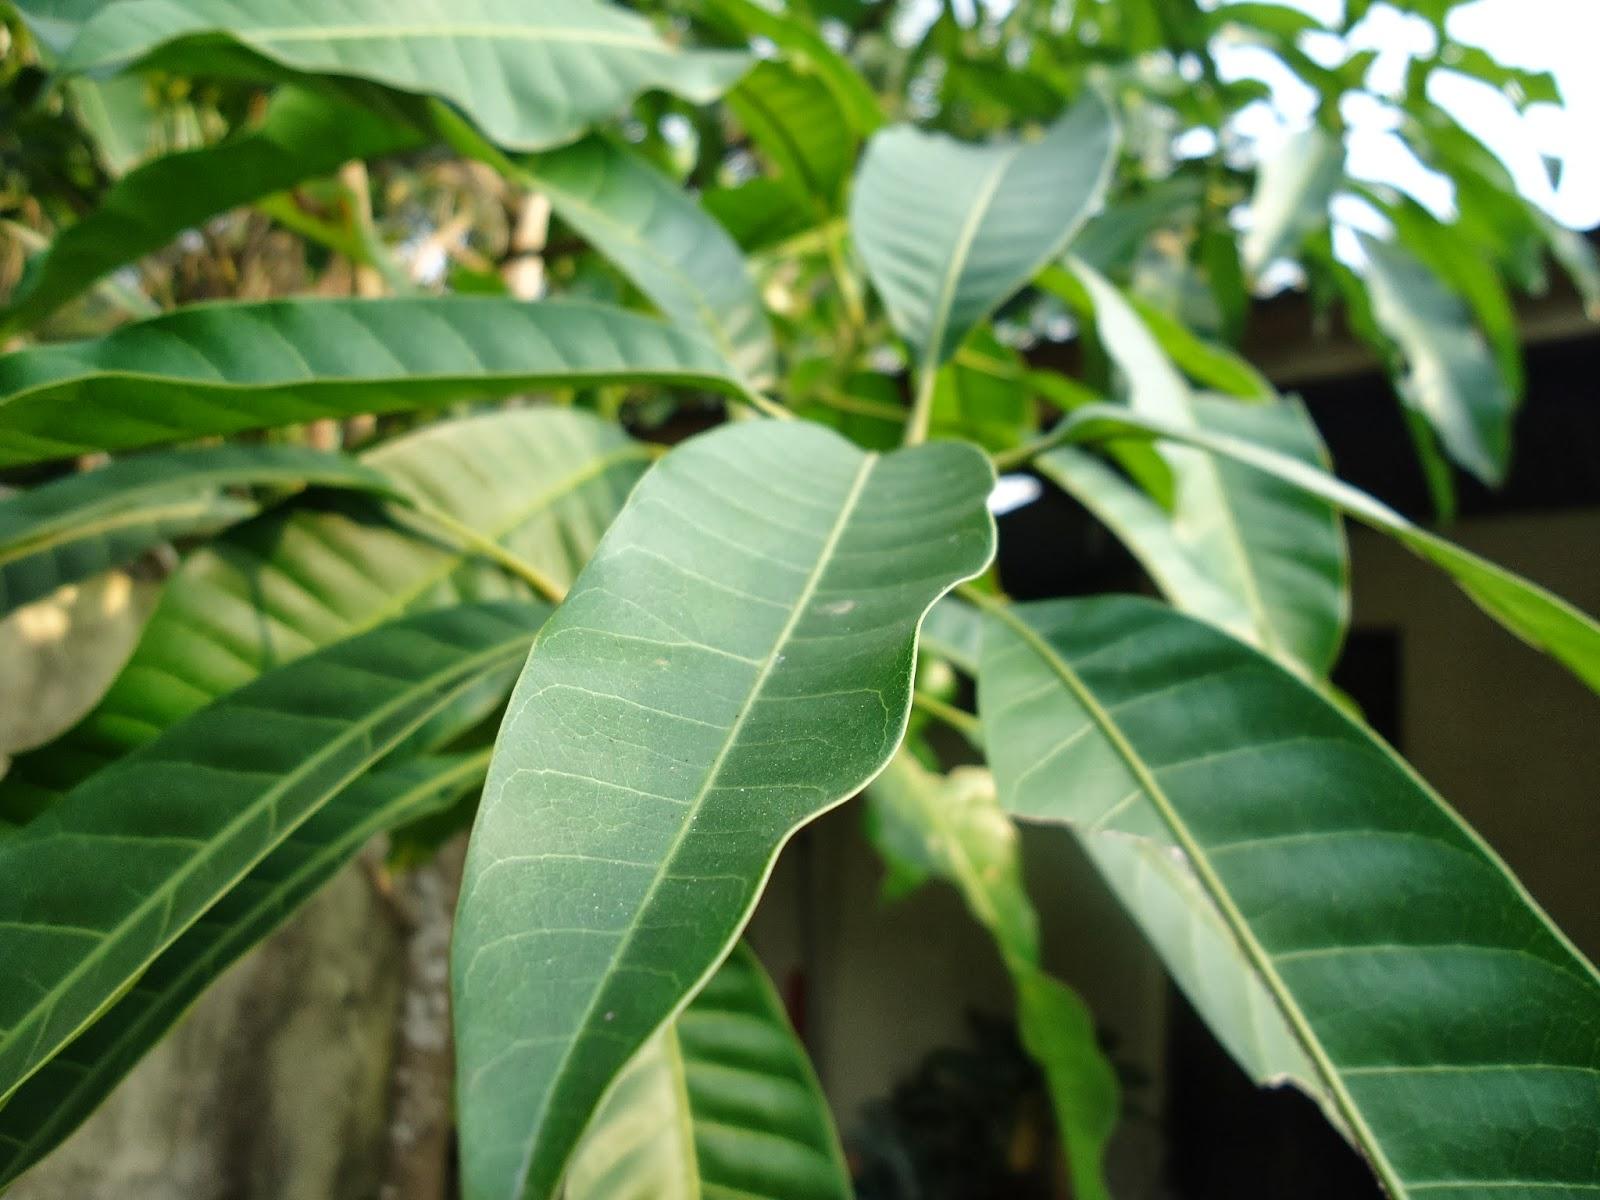 Tugas Morfologi Tumbuhan bangun daun circumscriptio